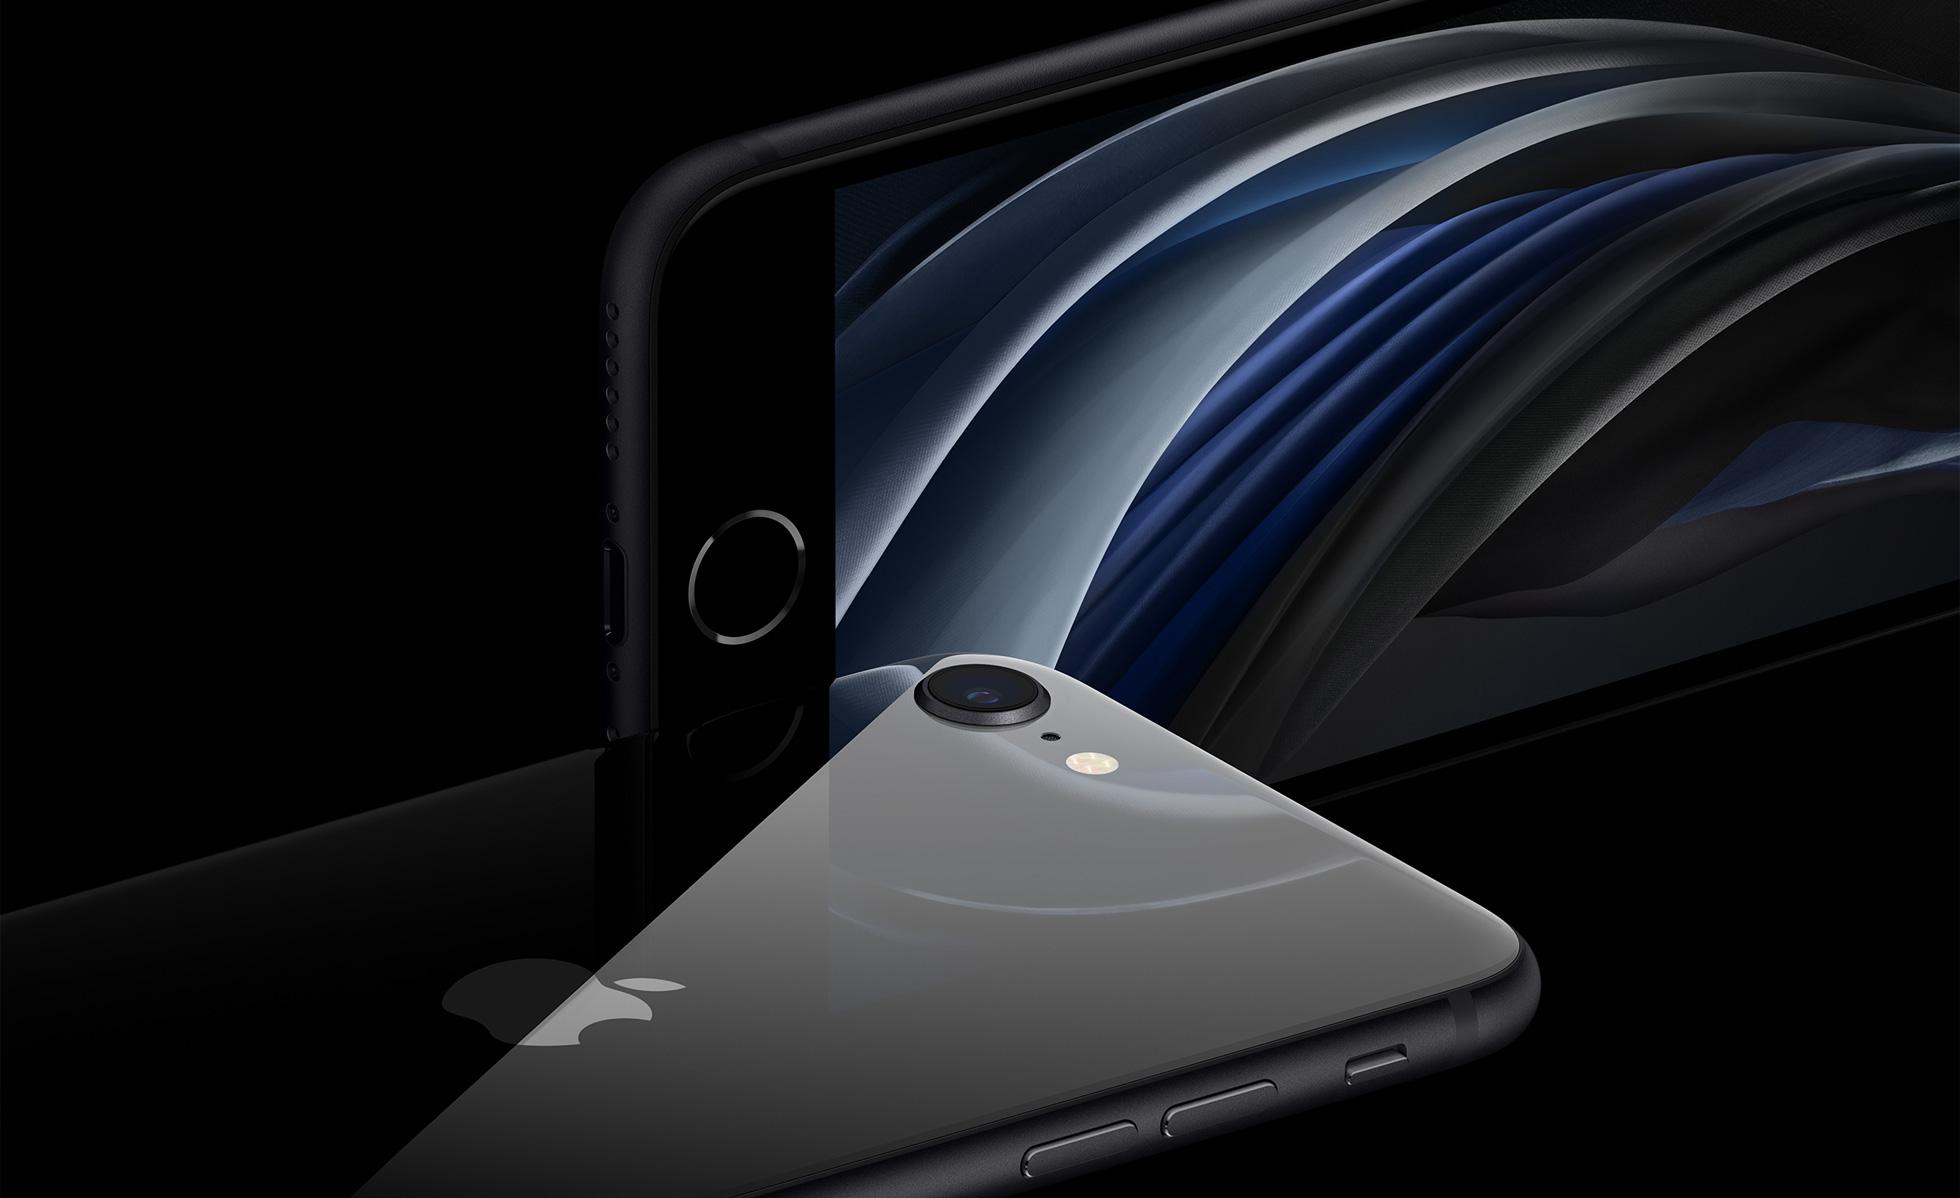 Источник: Apple отложила релиз iPhone SE 3 до 2024 года, в 2022 году выйдет iPhone SE Plus с поддержкой 5G